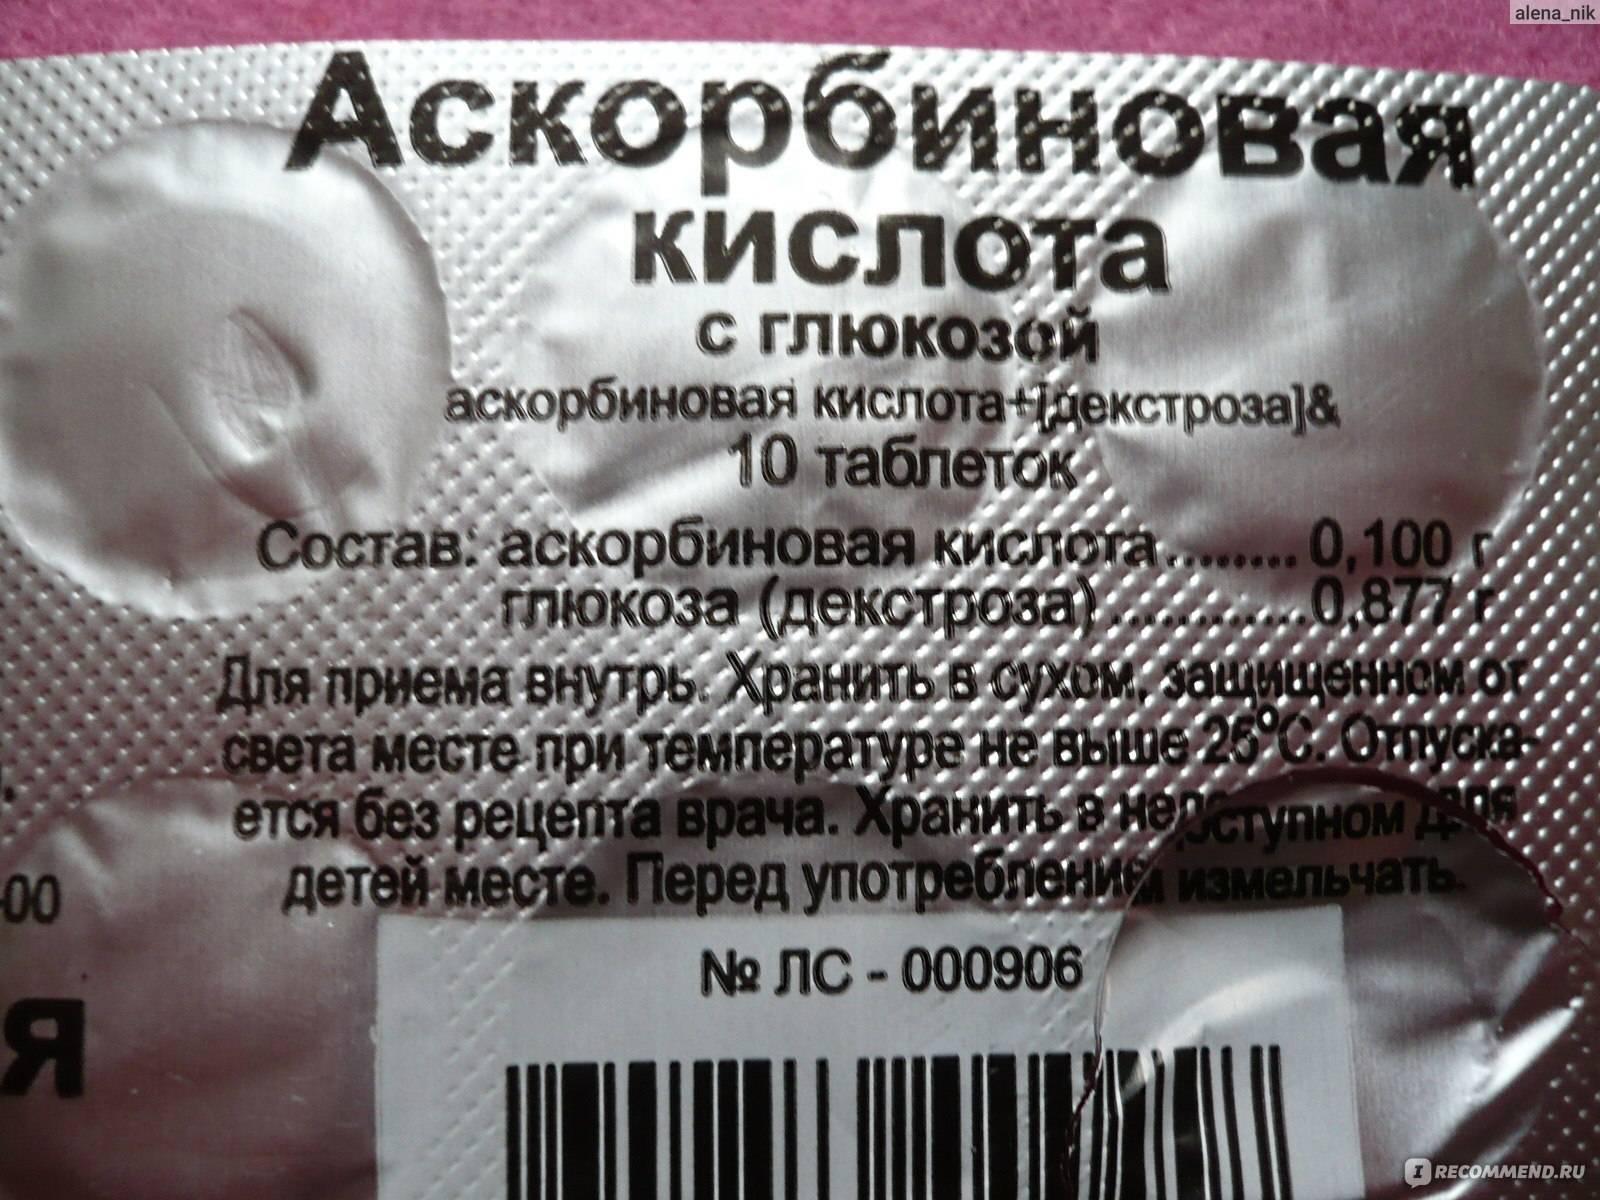 Сколько нужно пить аскорбиновой кислоты для месячных